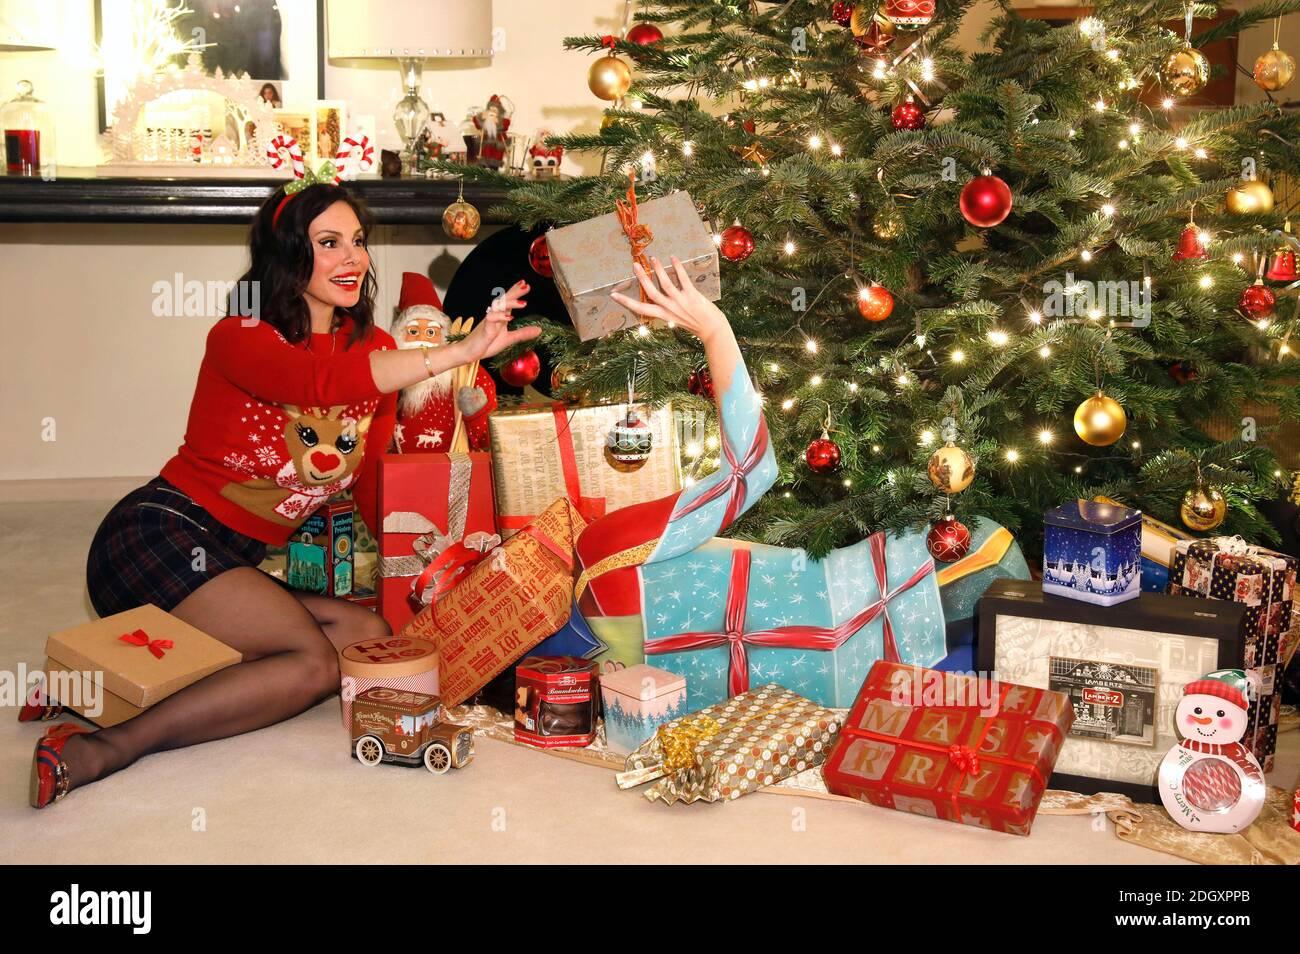 Tiempo de Adviento con Dany Michalski. Fotocomunicación exclusiva con Dany Michalski y modelo Katey como bodypainting paquete de Navidad en Einbeck el 6 de diciembre de 2020 - Bodypainting artista: Jörg Düsterwald Foto de stock